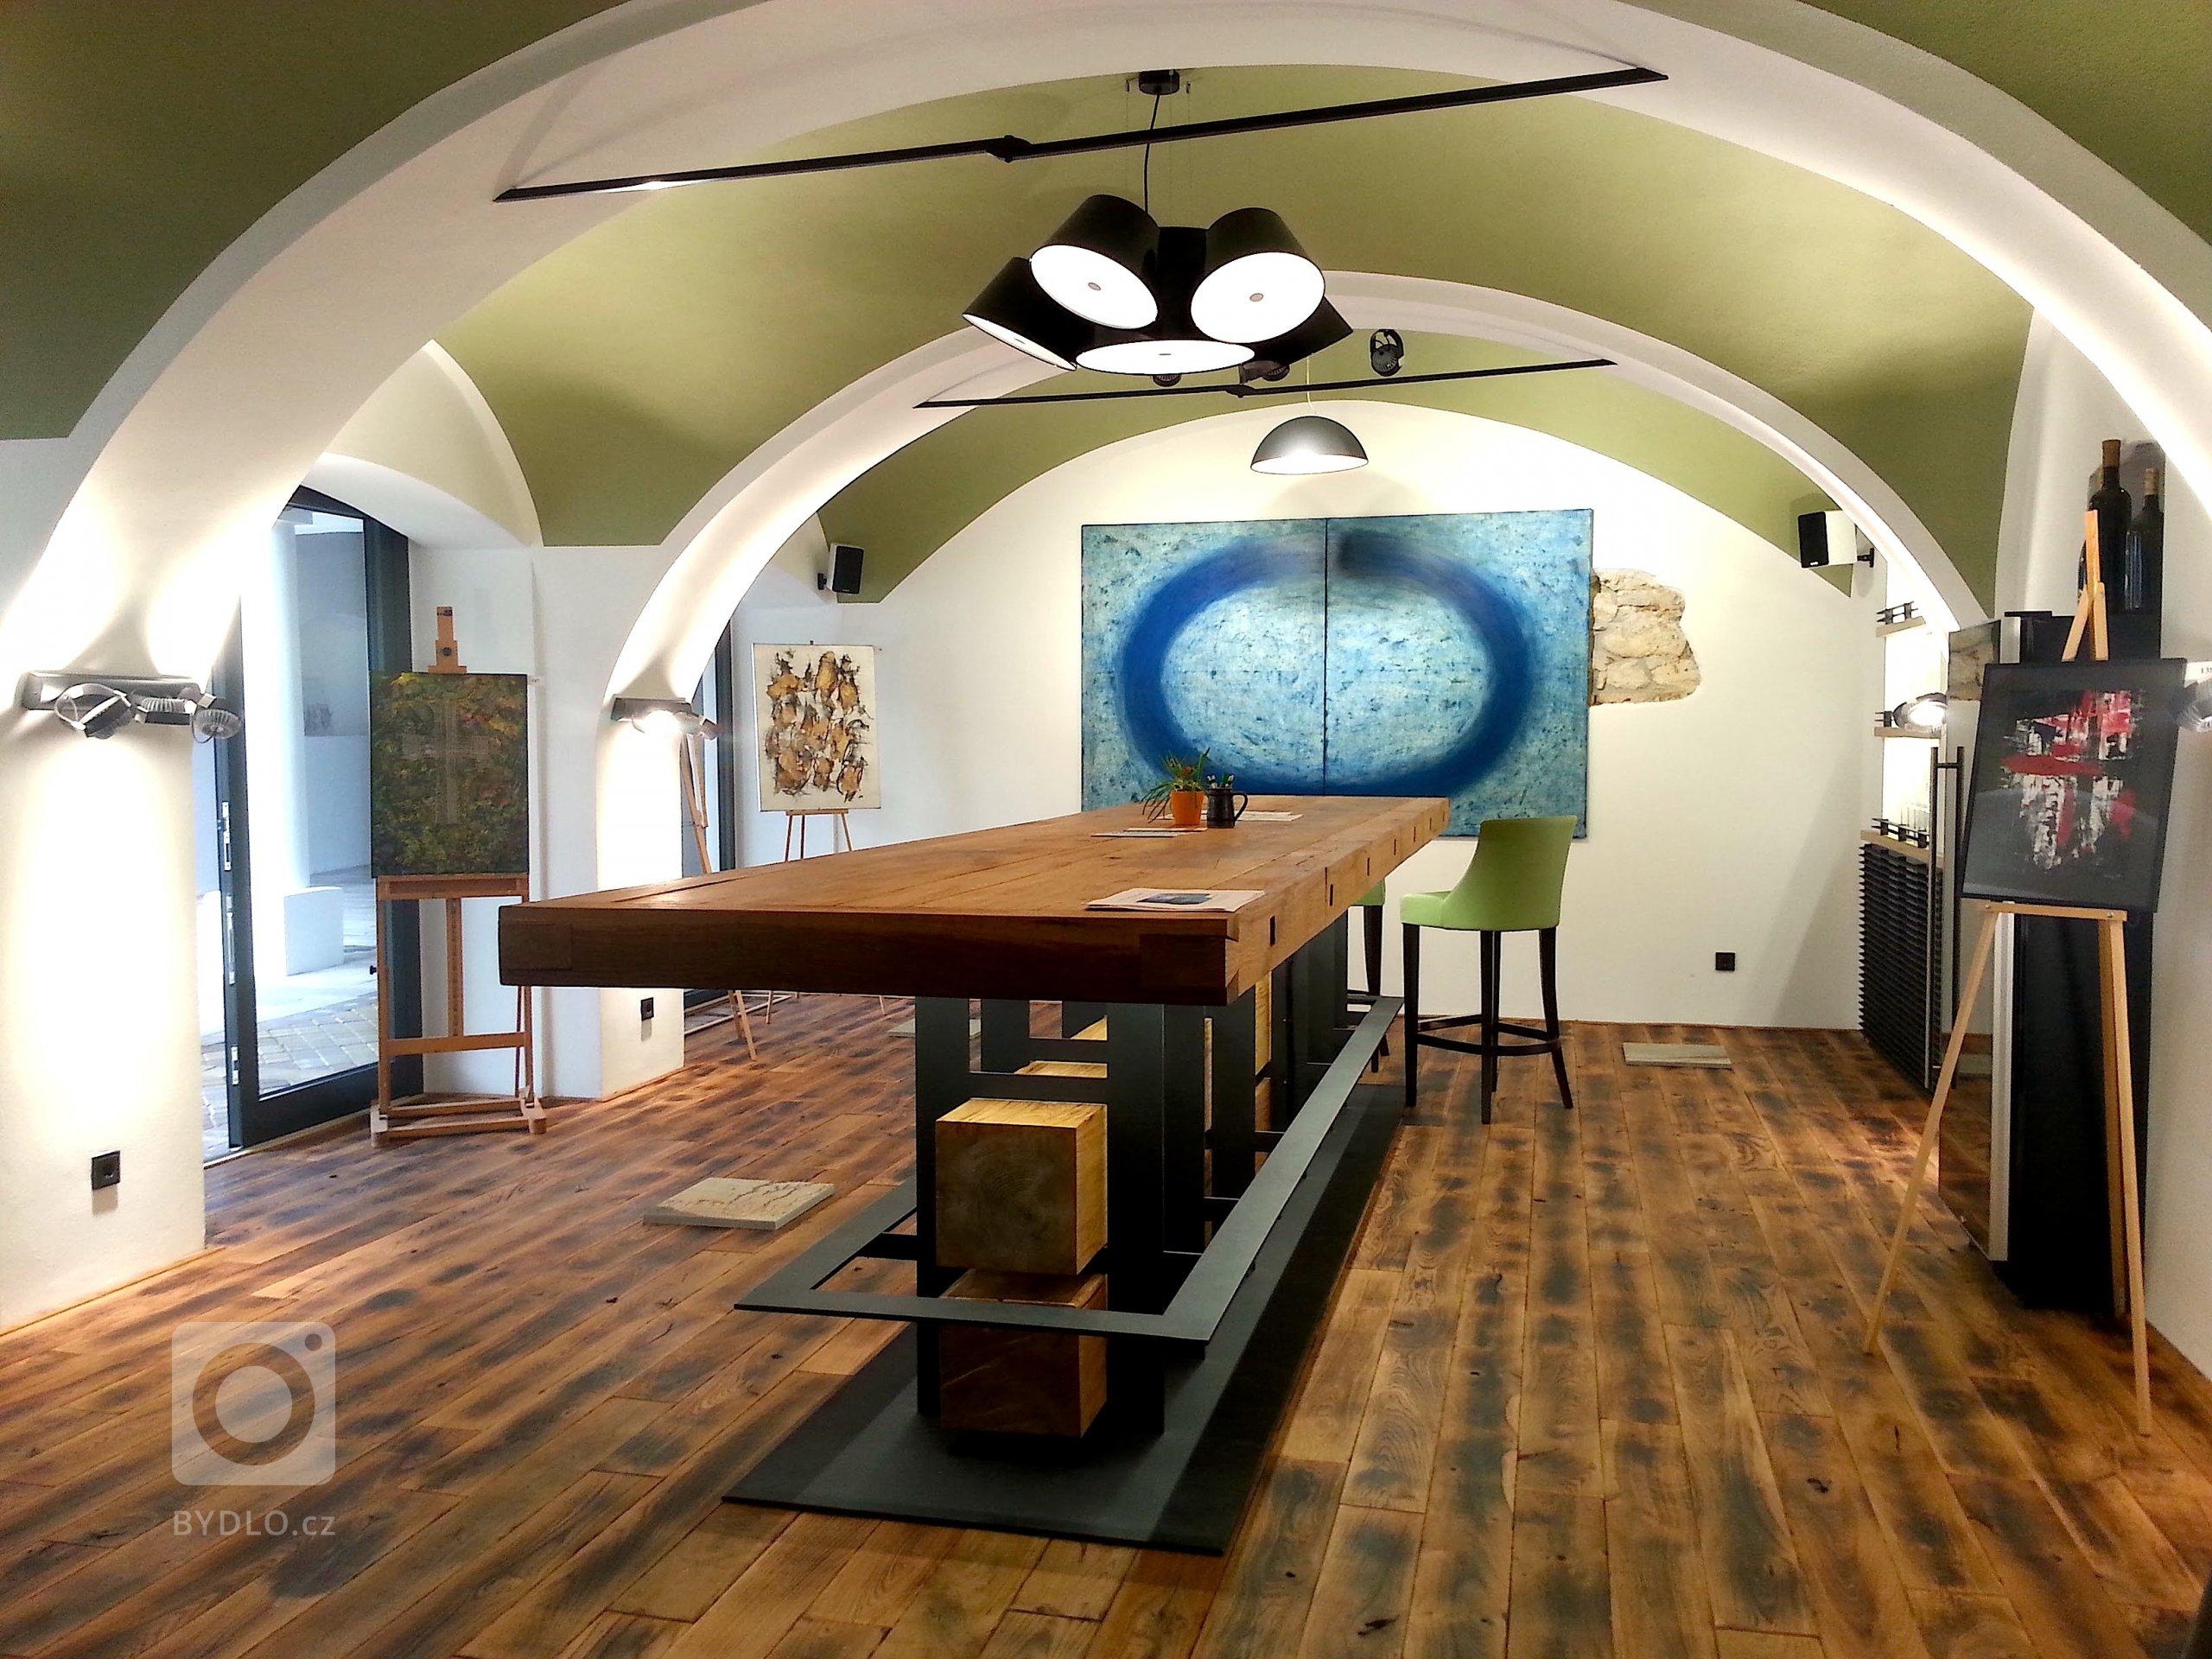 1,4t mega stůl = 5metrů dlouhá stolová deska, 700kg kovová konstrukce + 700kg dřevo z 250 let starých dubů. Tradice, pohostinnost, kvalitní řemeslo, stabilita. To jsou symboly, kterými chtějí rodina Taubenschuss komunikovat k milovníkům jejich vín.